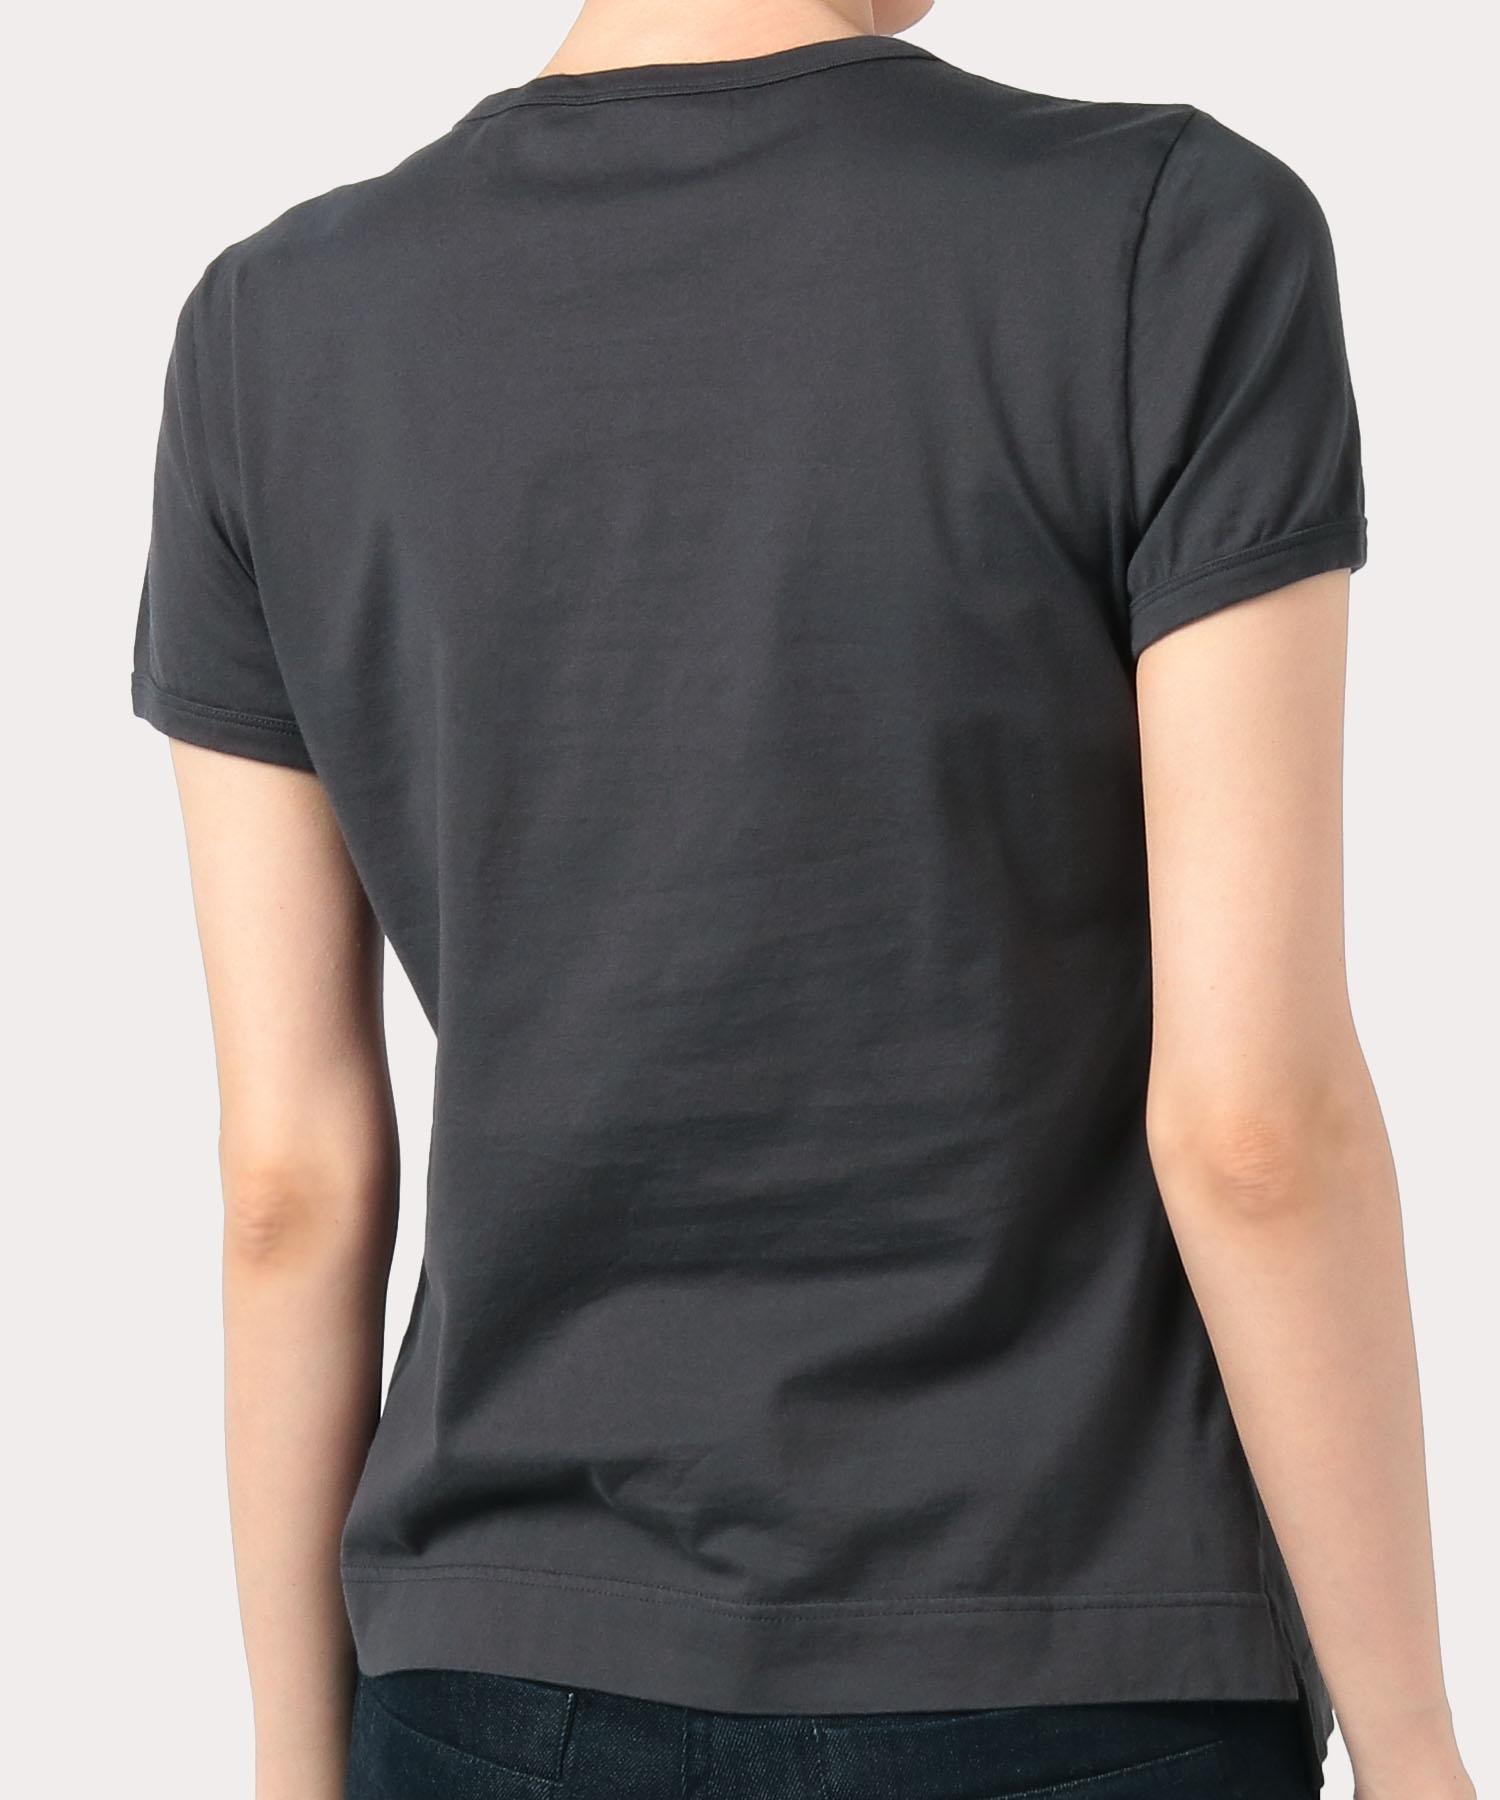 オンラインショップ限定カラー クォーターORBアップリケ刺繍 クラシックTシャツ